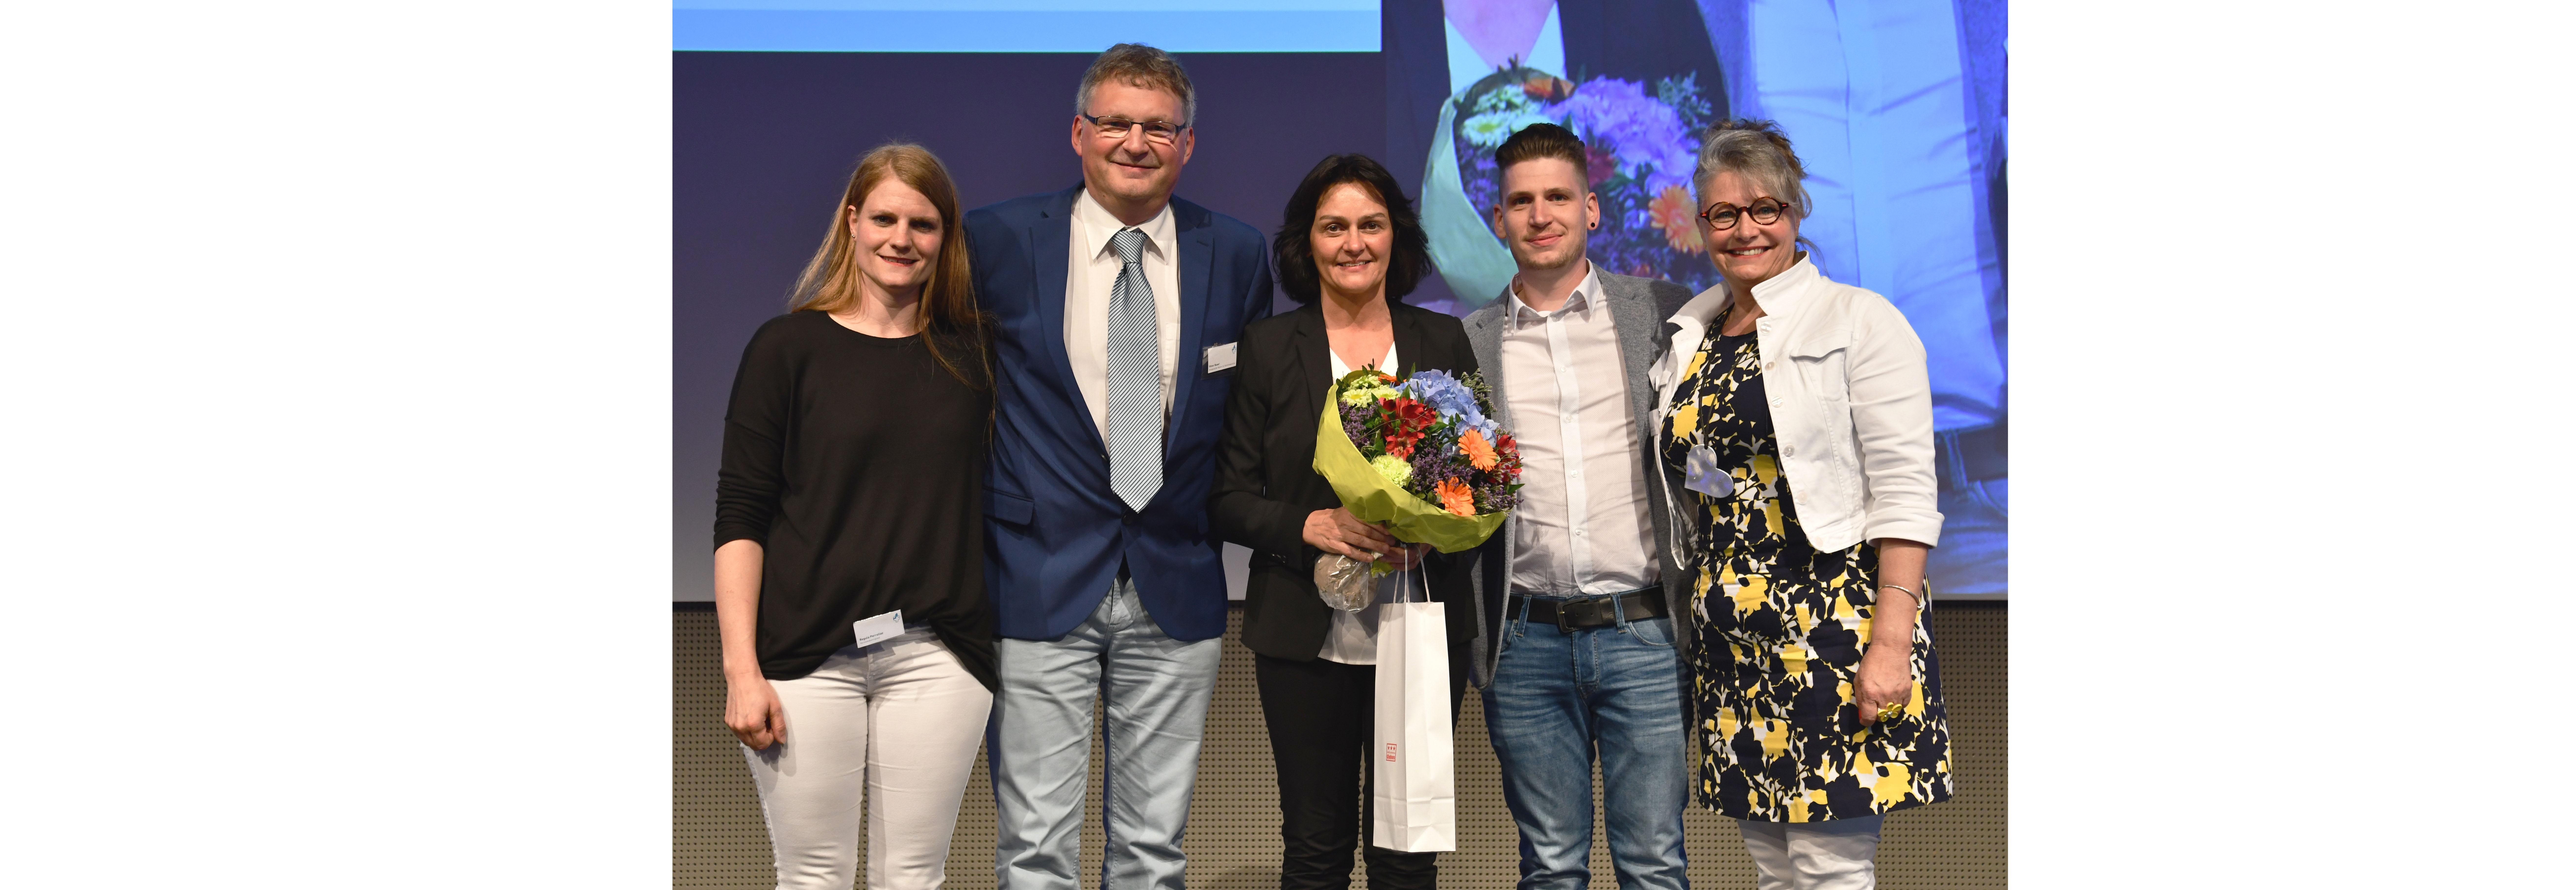 Fédération suisse des sourds: un nouveau comité